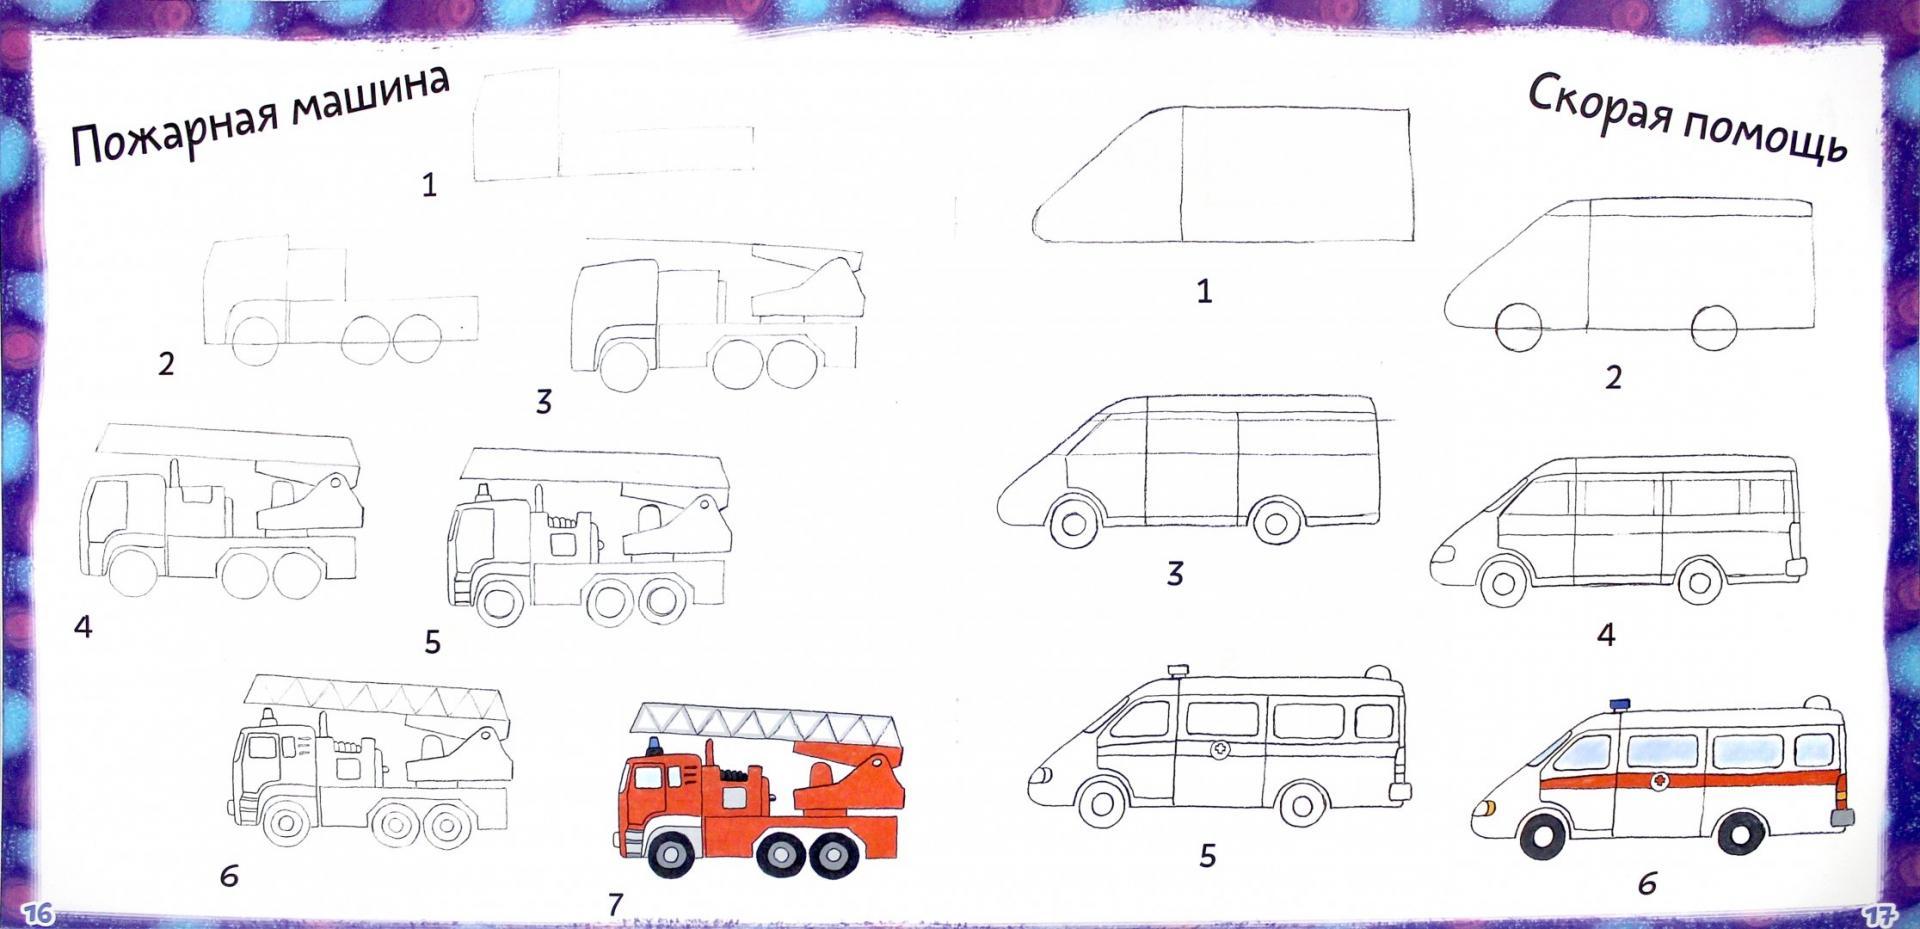 частота рисование пожарной машины в подготовительной группе запуска